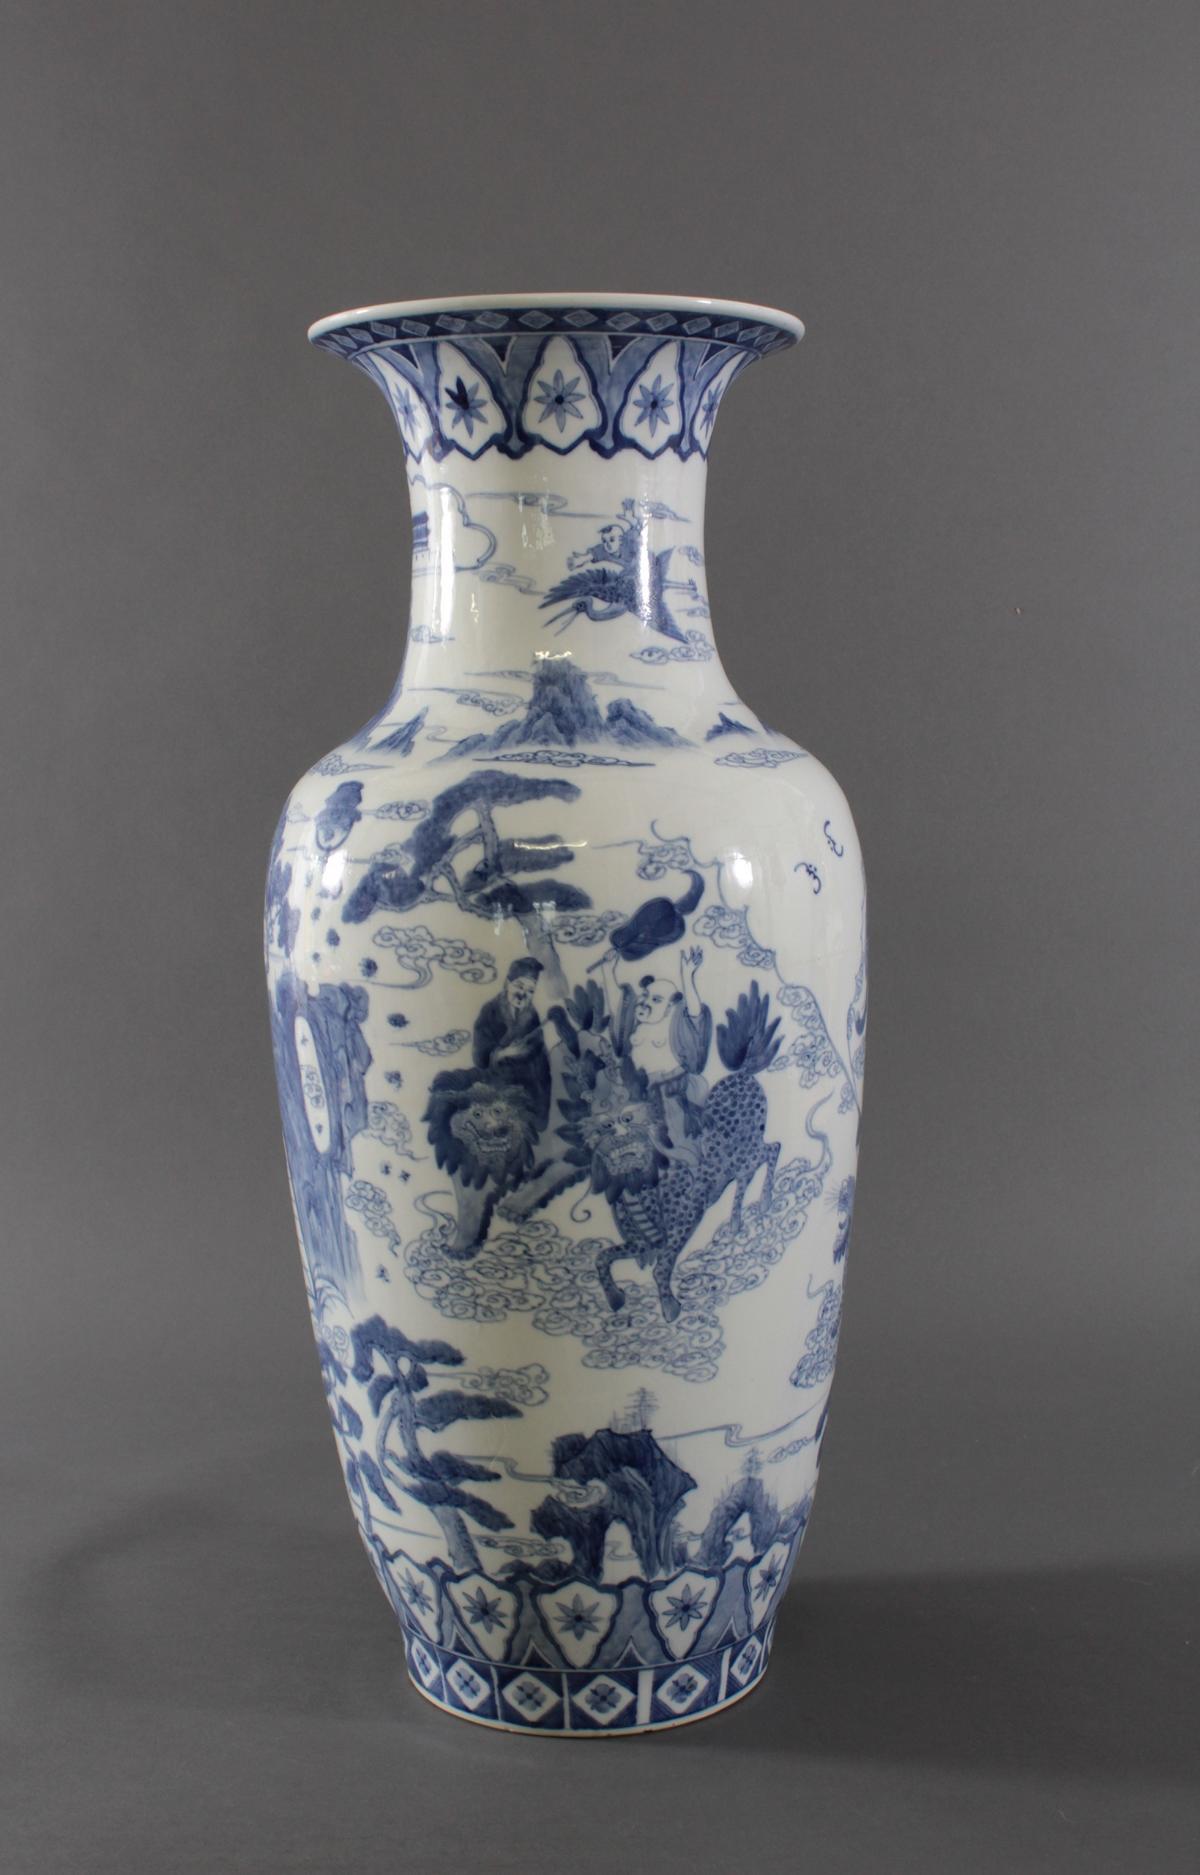 Große Chinesische Porzellan-Vase, Bodenvase, 20. Jh.